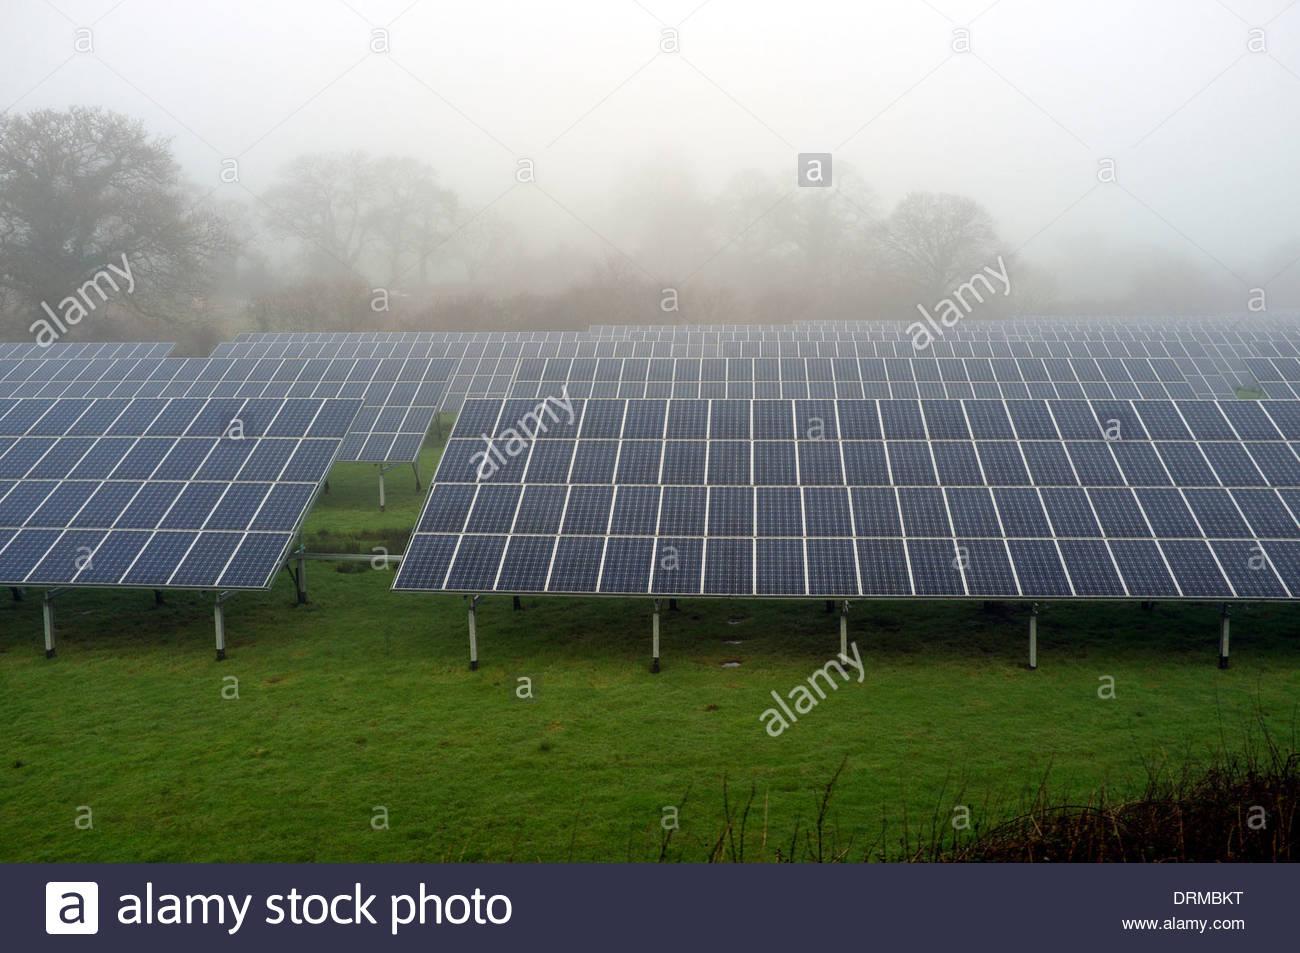 Panneau solaire ferme sur un jour brumeux, dans le Somerset, Royaume-Uni. Photo Stock